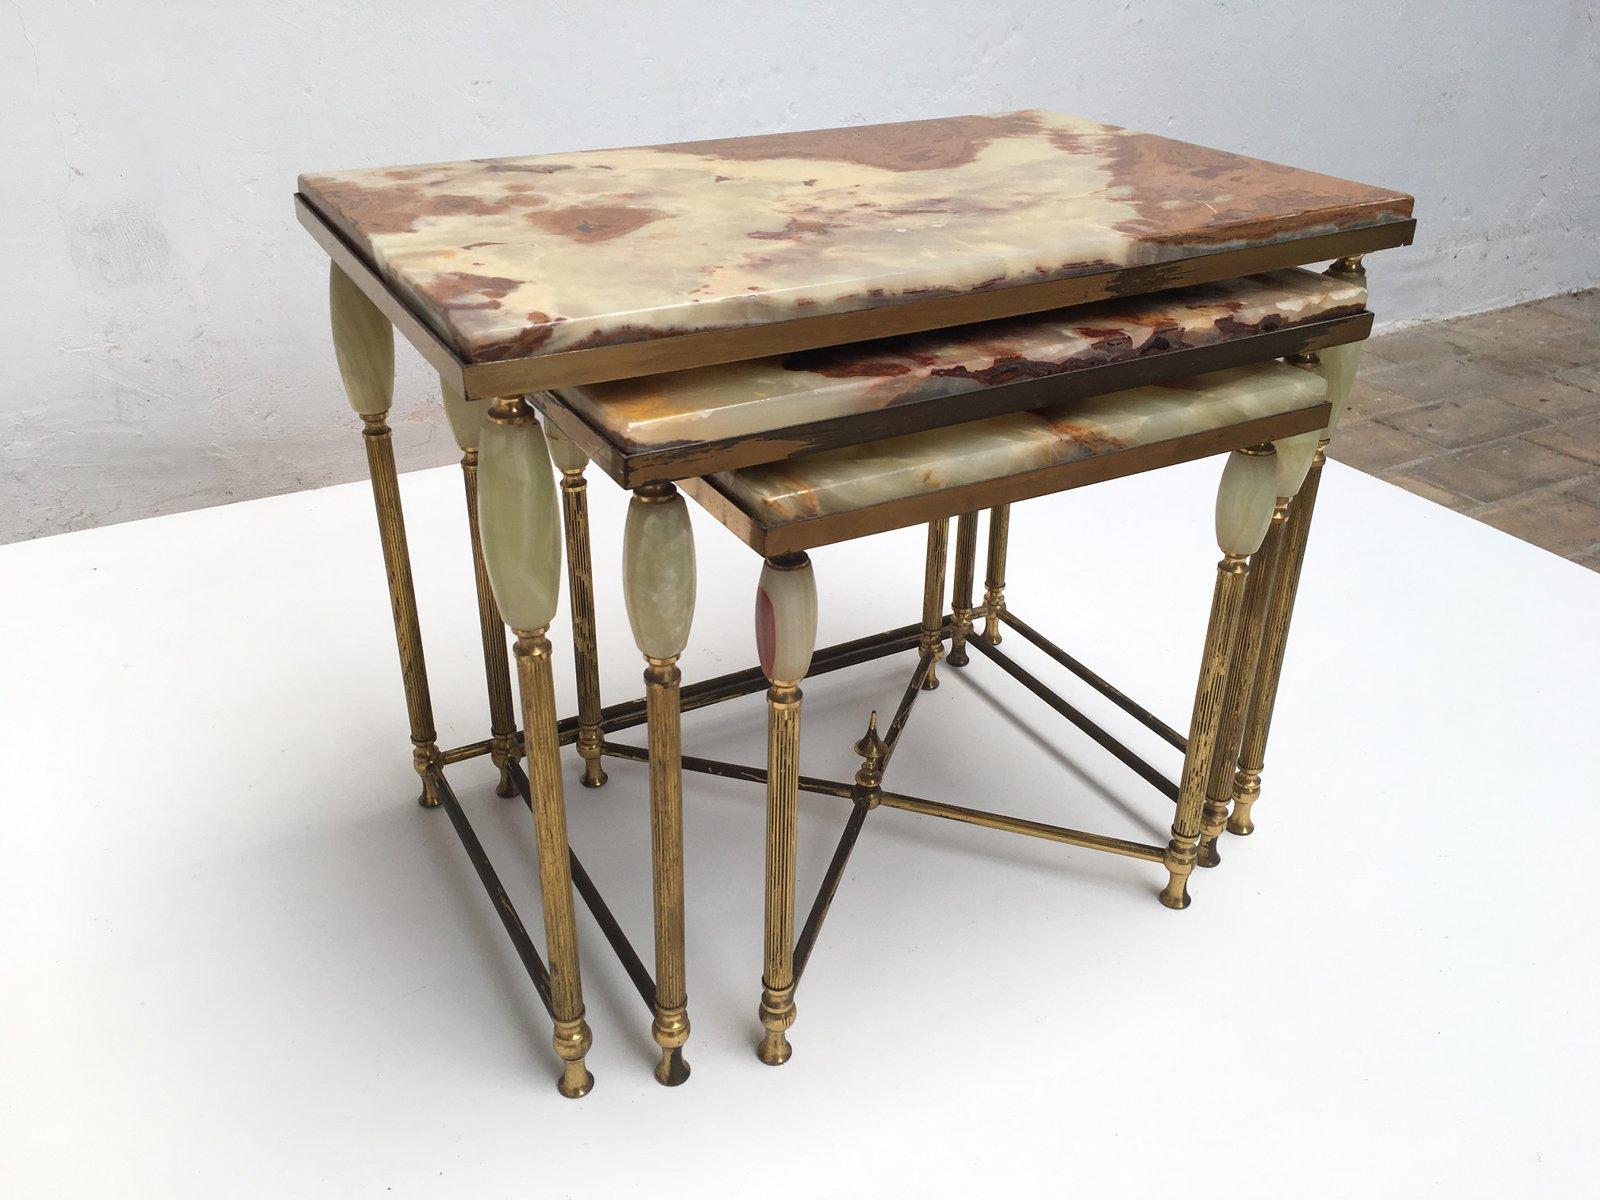 tables gigognes n o classiques vintage en laiton et marbre italie 1960s en vente sur pamono. Black Bedroom Furniture Sets. Home Design Ideas